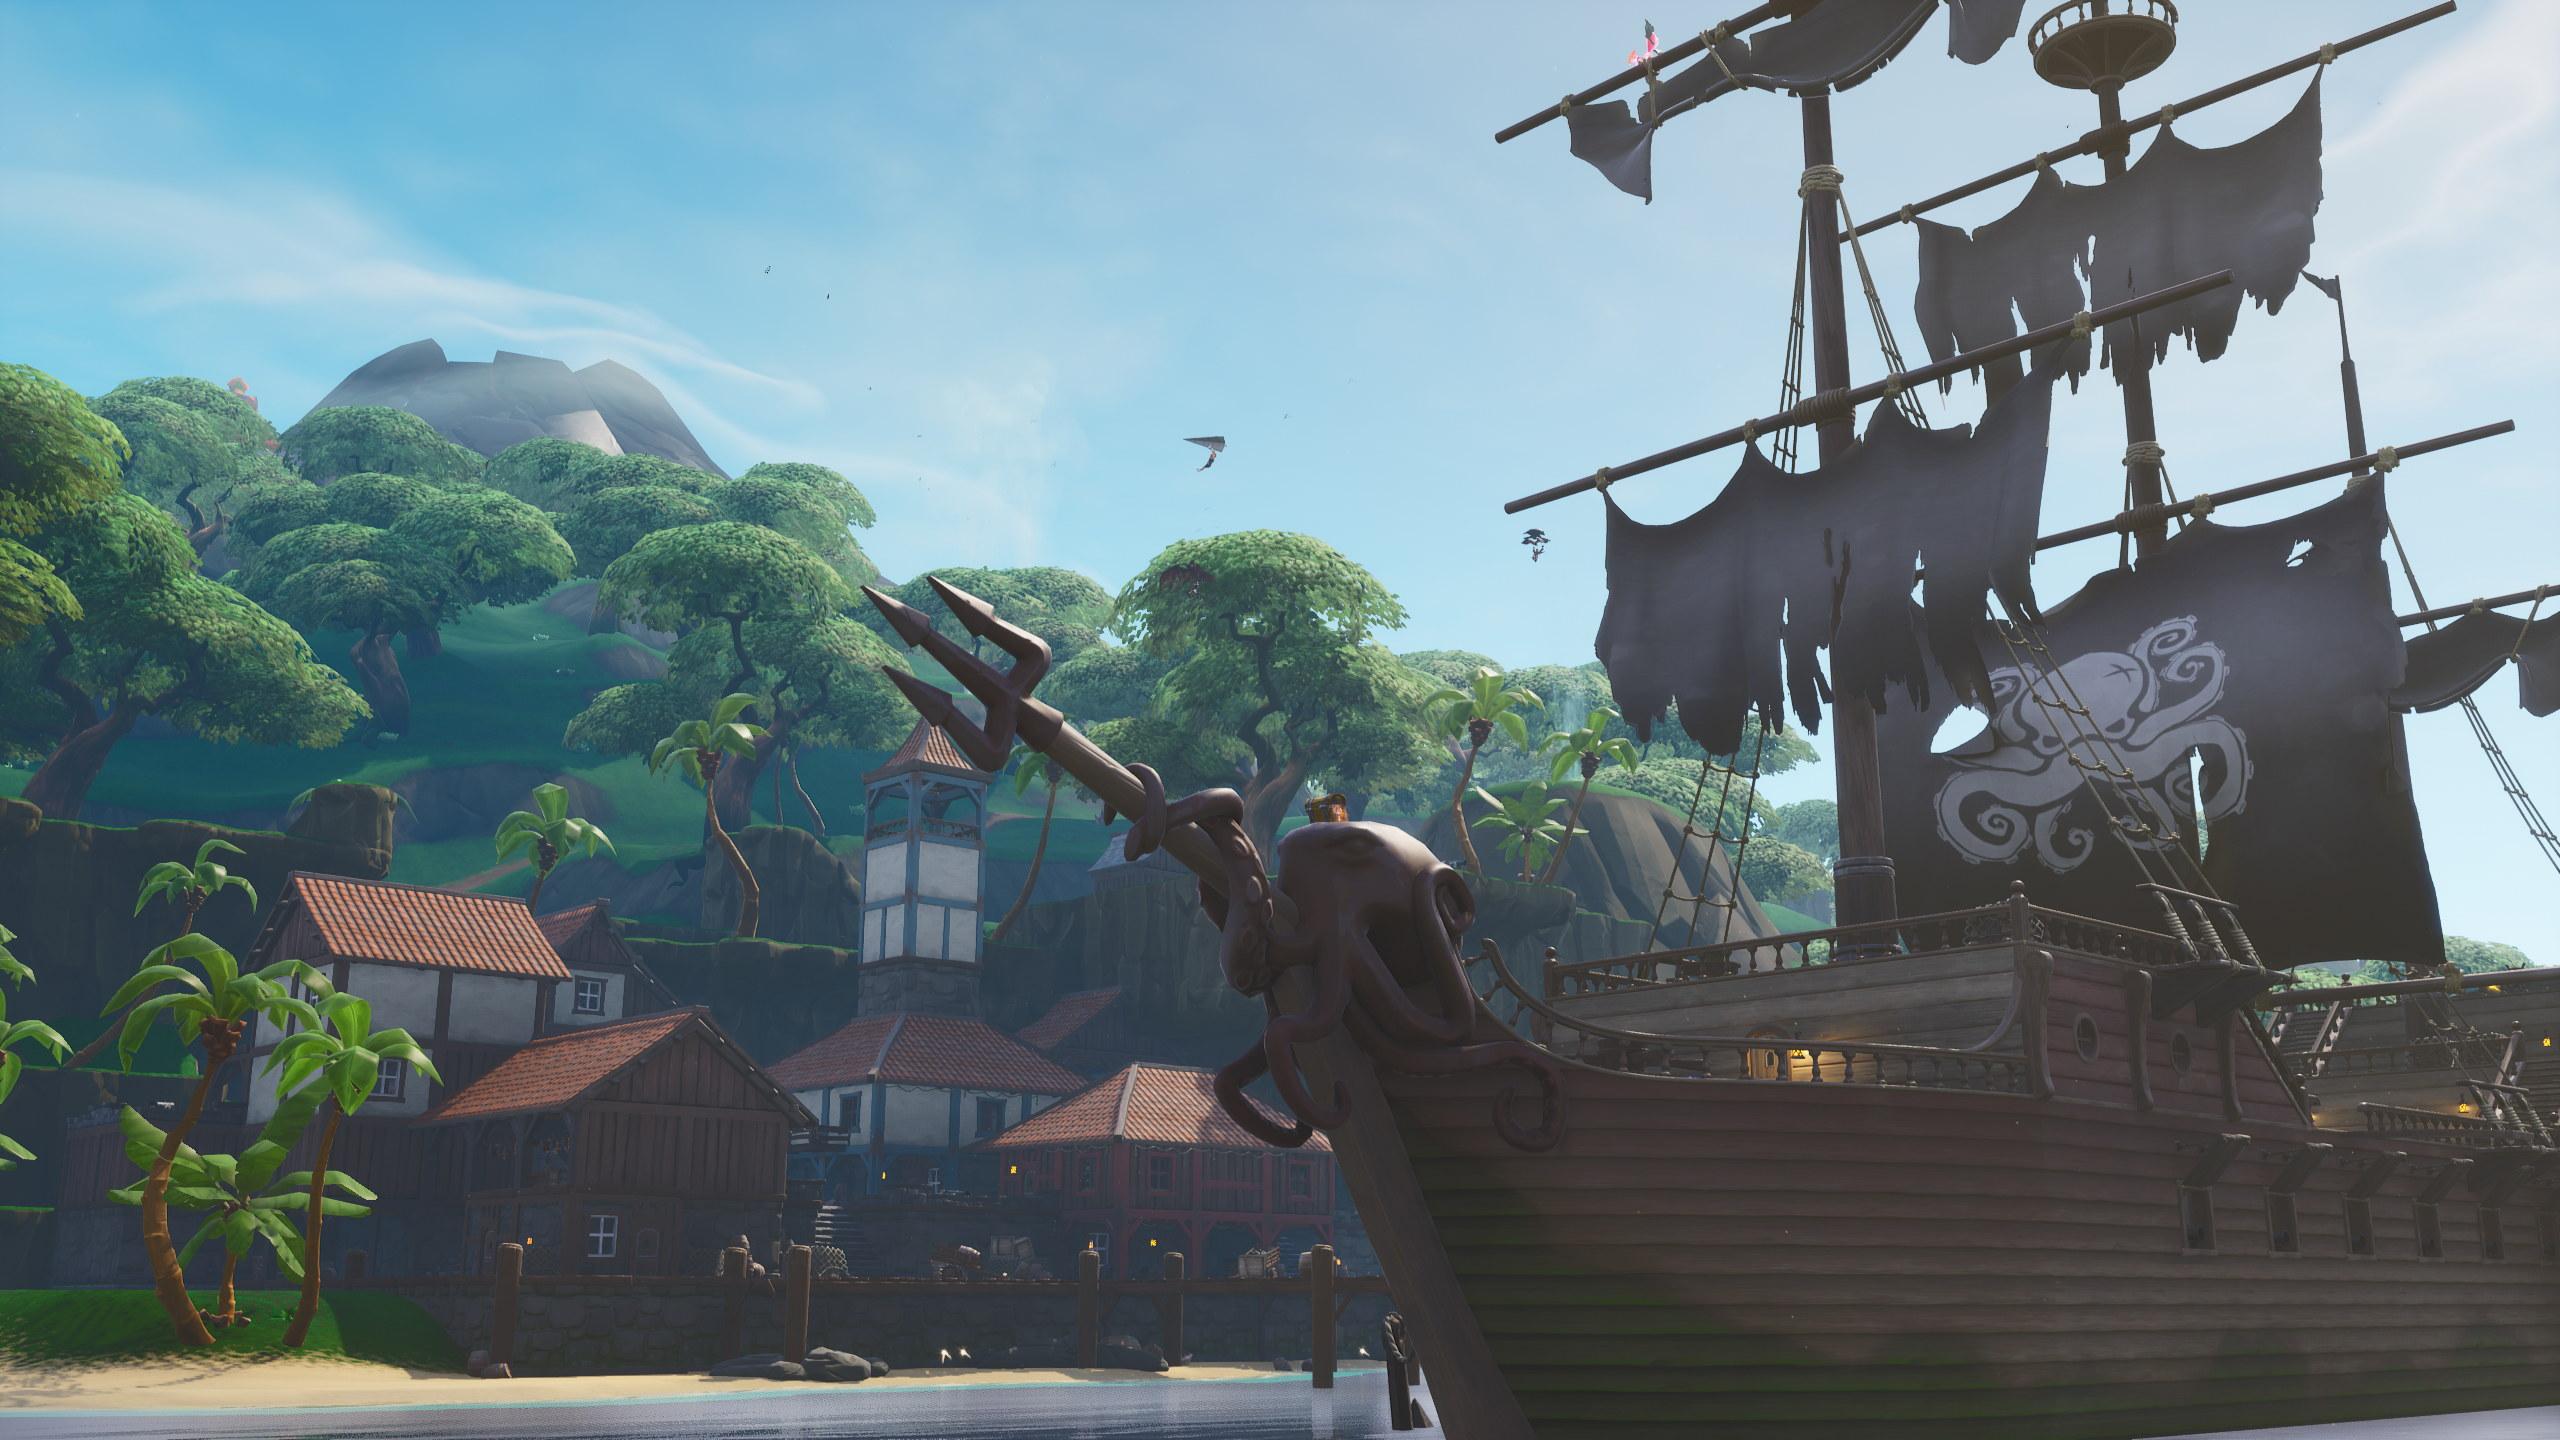 fortnite season 8 erupts with lava and pirates - pirate ship locations fortnite season 8